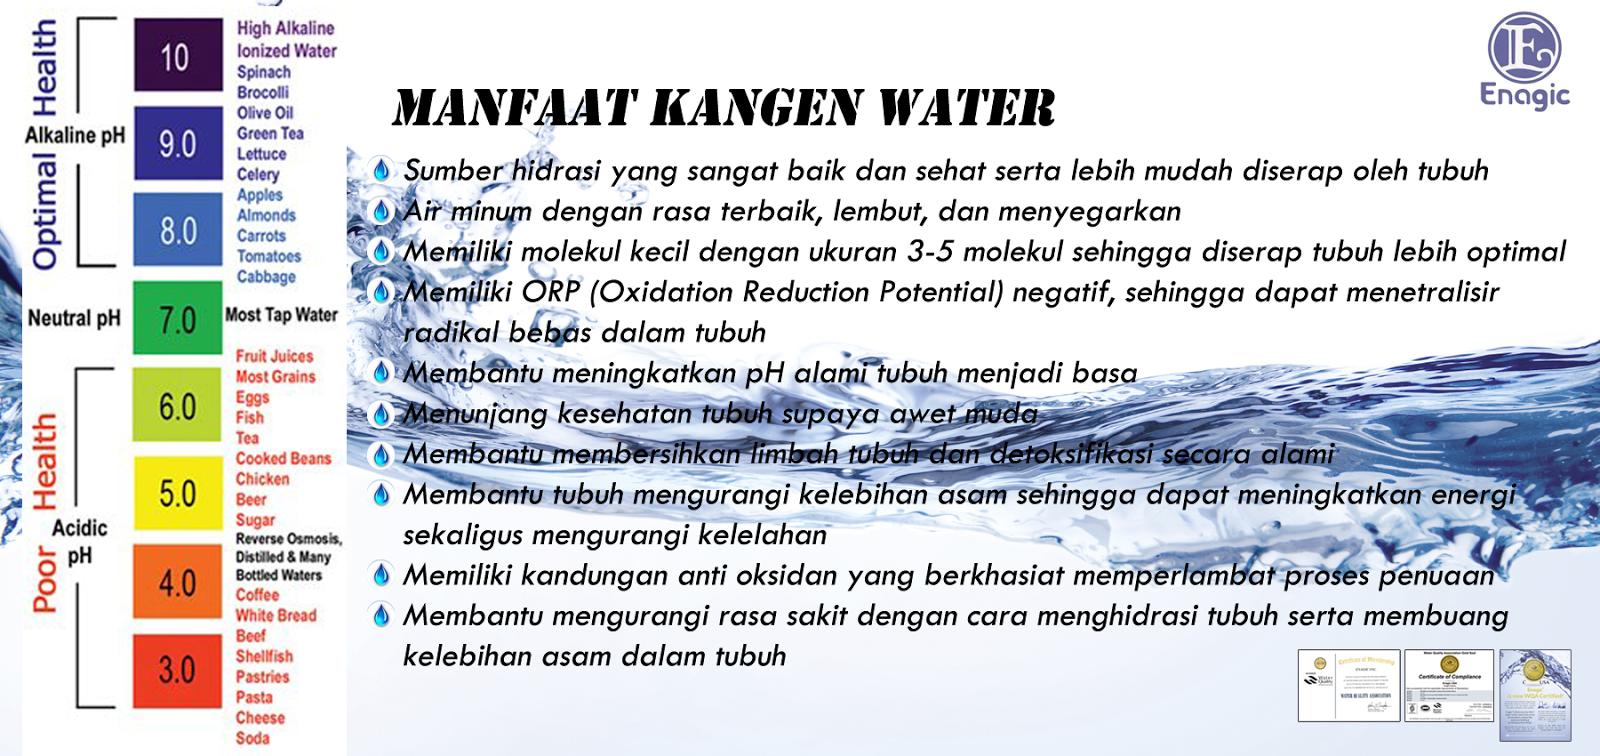 Jenis Mesin Kangen Water